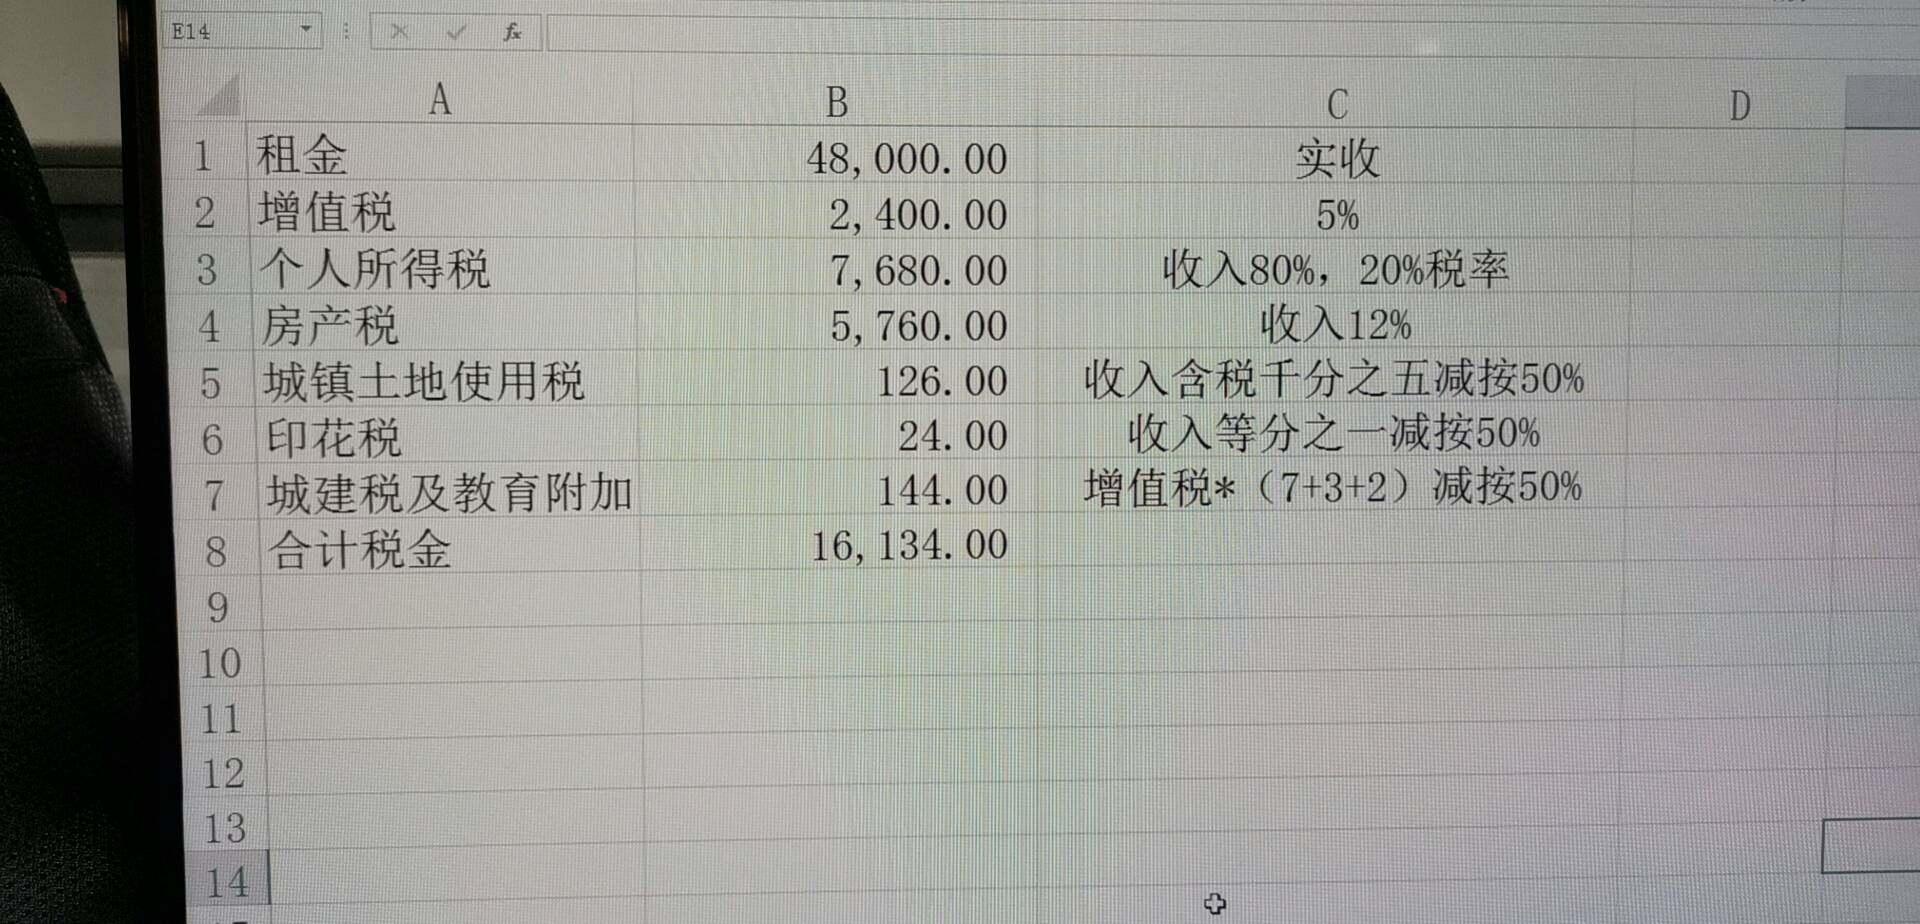 个人出租办公室给公司的税费计算,不知这样对不对,请老师指点一下